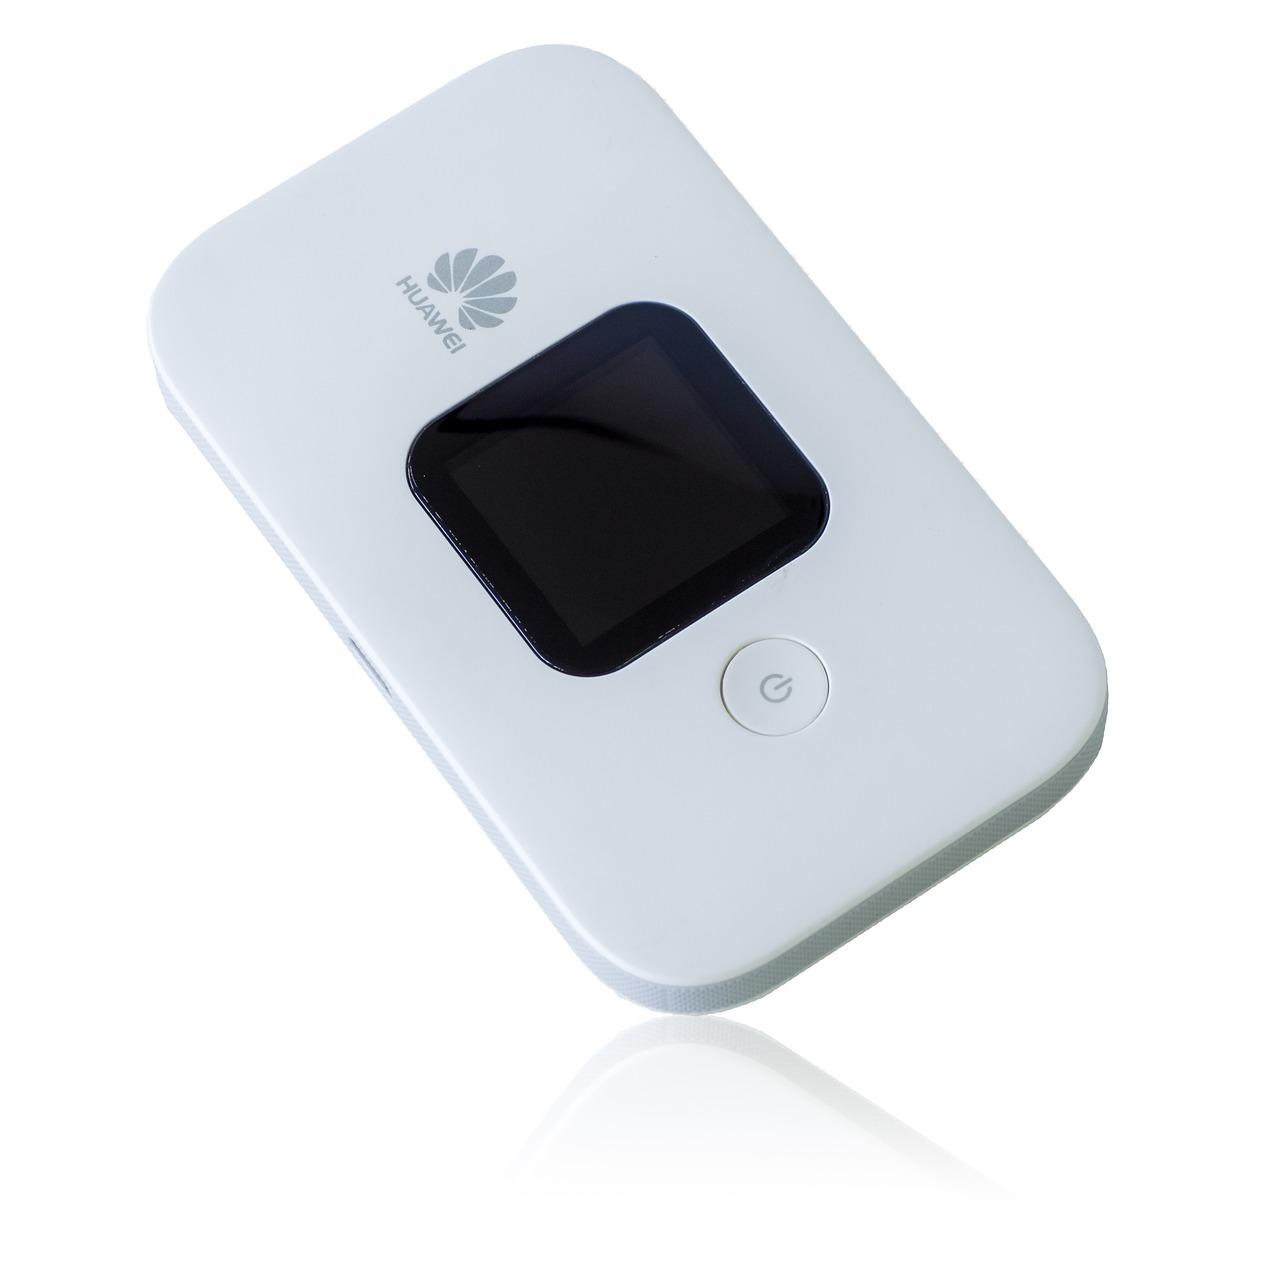 Modem wifi ou la box, comment faire on choix?